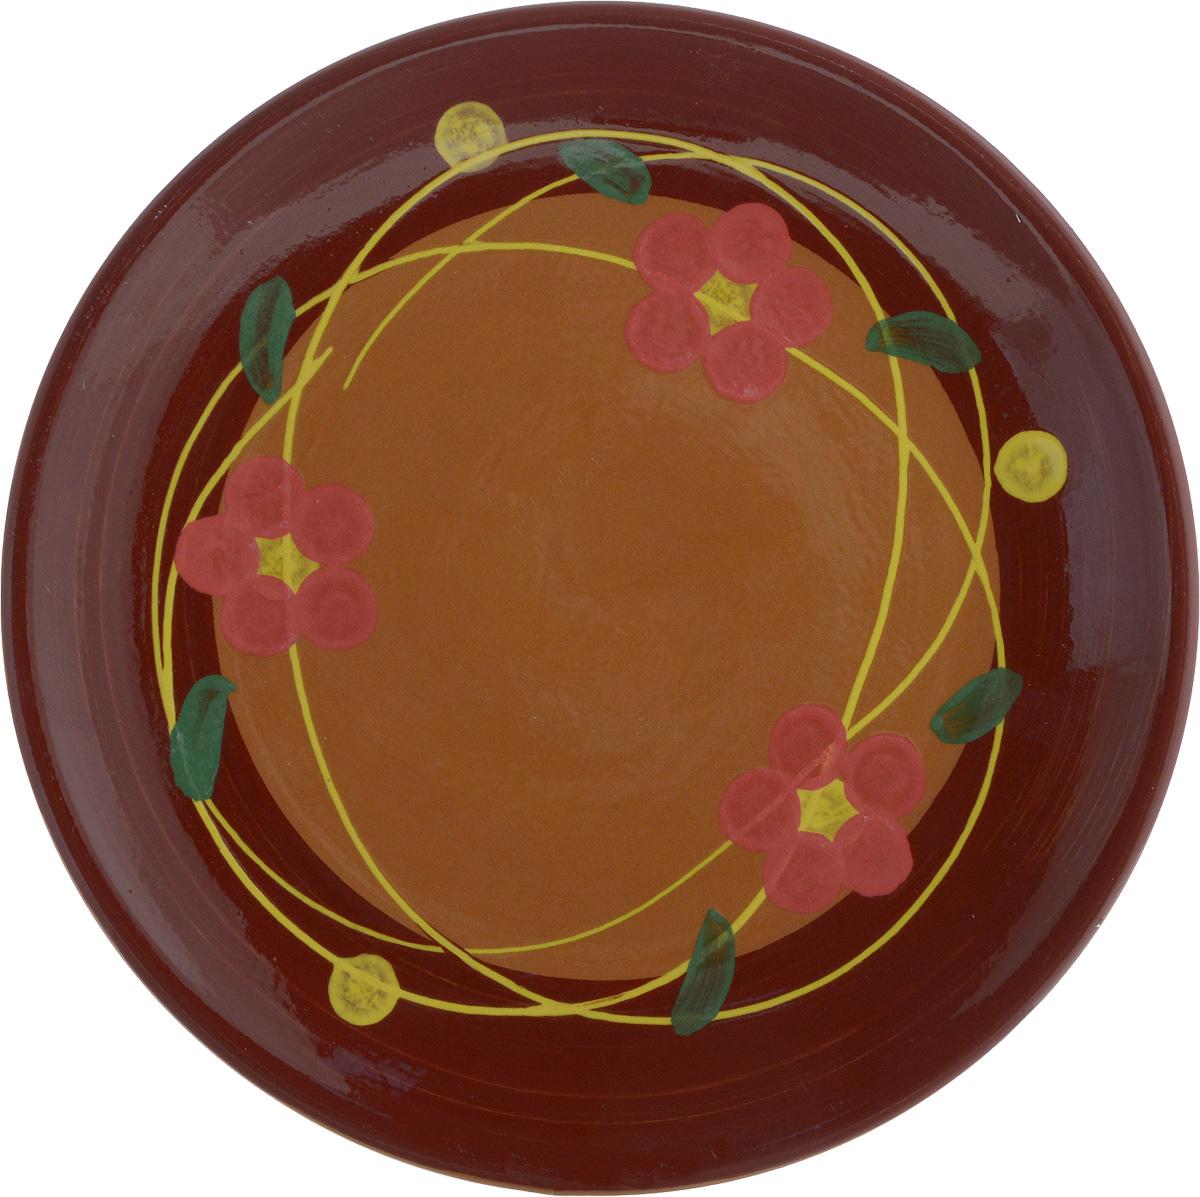 Тарелка Борисовская керамика Cтандарт, цвет: коричневый, розовый, диаметр 22 см115510Тарелка Борисовская керамика Cтандарт выполнена из высококачественной керамики с покрытием пищевой глазурью. Изделие отлично подходит для подачи вторых блюд, сервировки нарезок, закусок, овощей и фруктов. Такая тарелка отлично подойдет для повседневного использования. Она прекрасно впишется в интерьер вашей кухни. Посуда термостойкая, можно использовать в духовке и в микроволновой печи. Диаметр тарелки (по верхнему краю): 22 см. Высота стенки: 2,5 см.